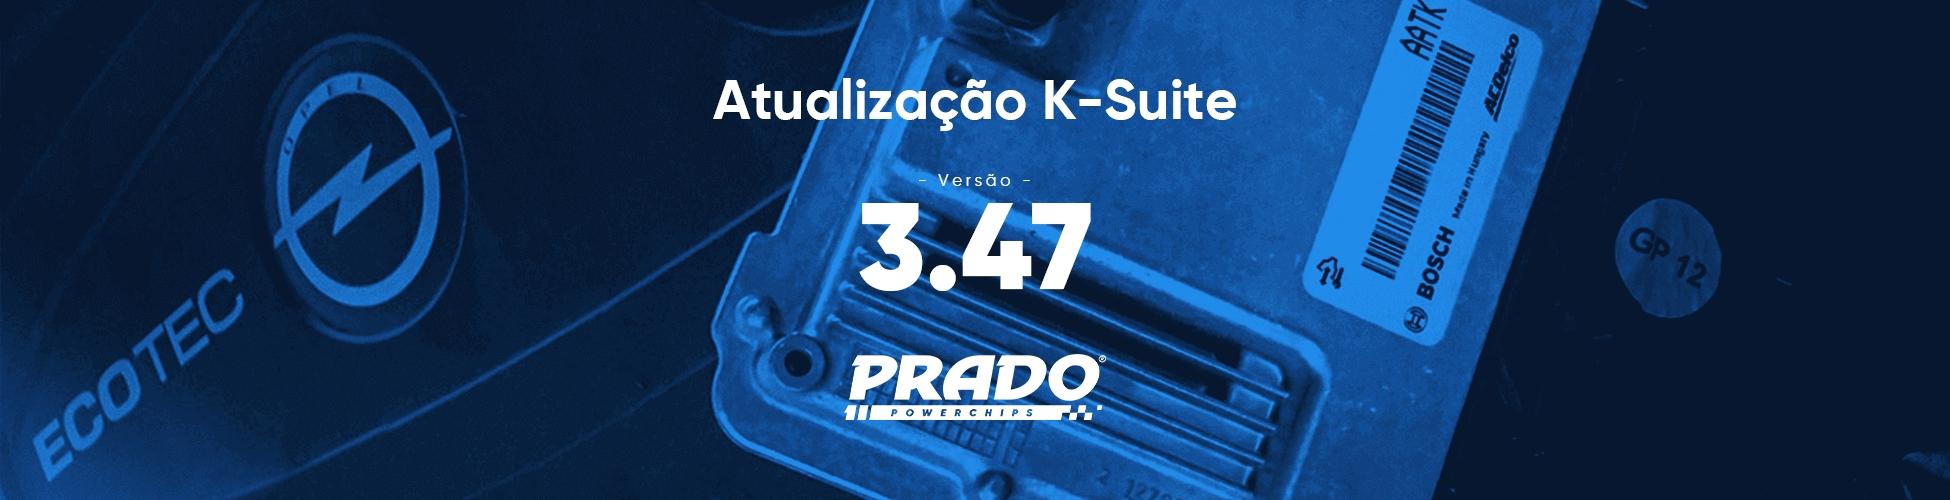 Atualização K-Suite 3.47